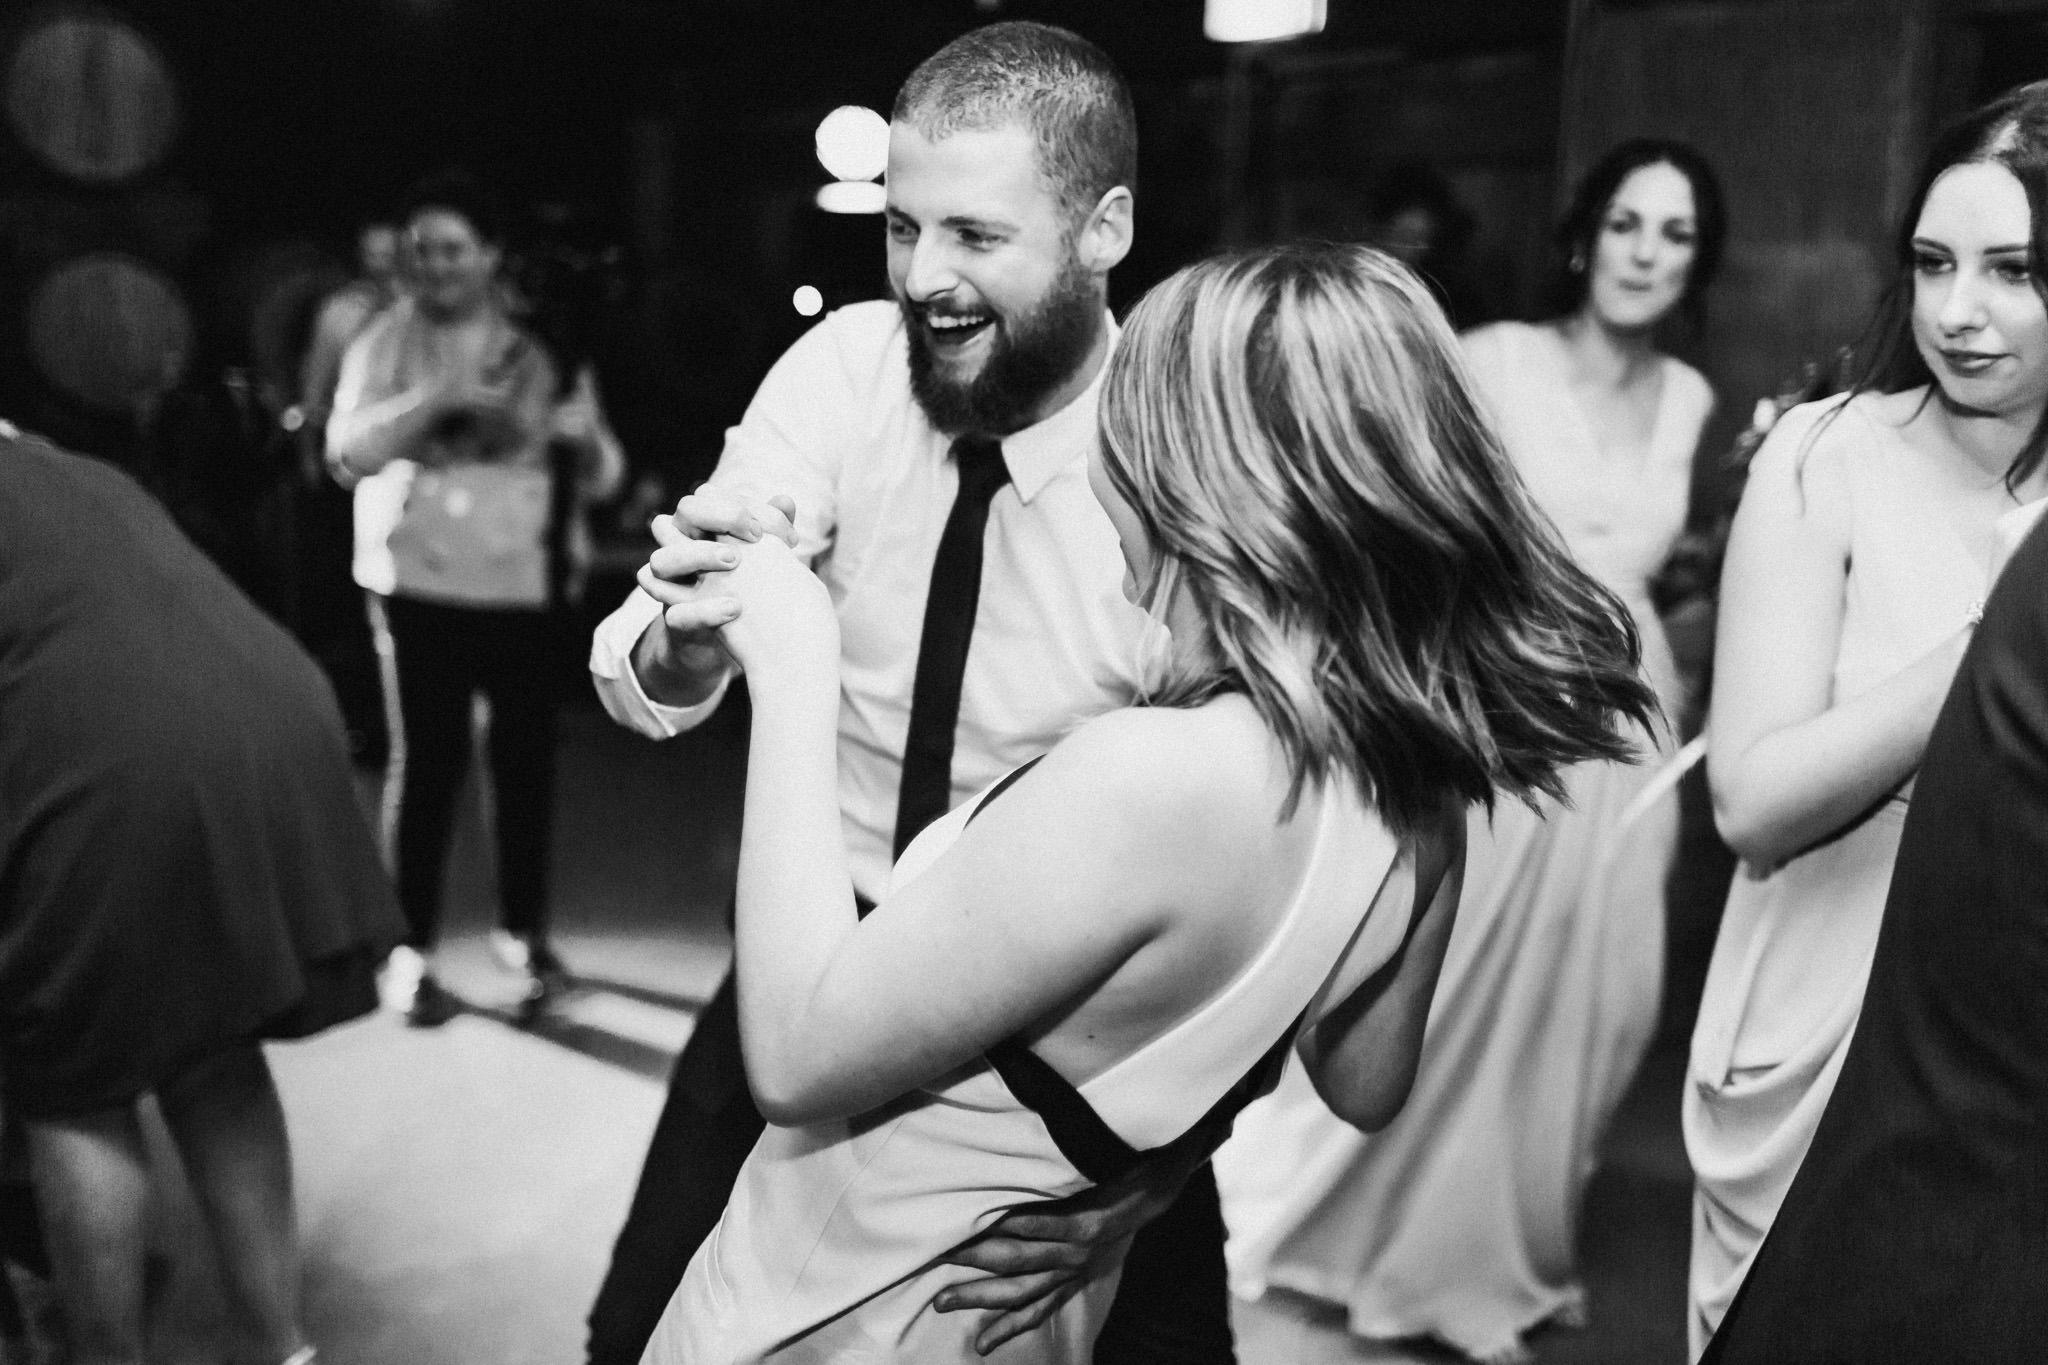 WeddingPhotos_Facebook_2048pixels-1171.jpg